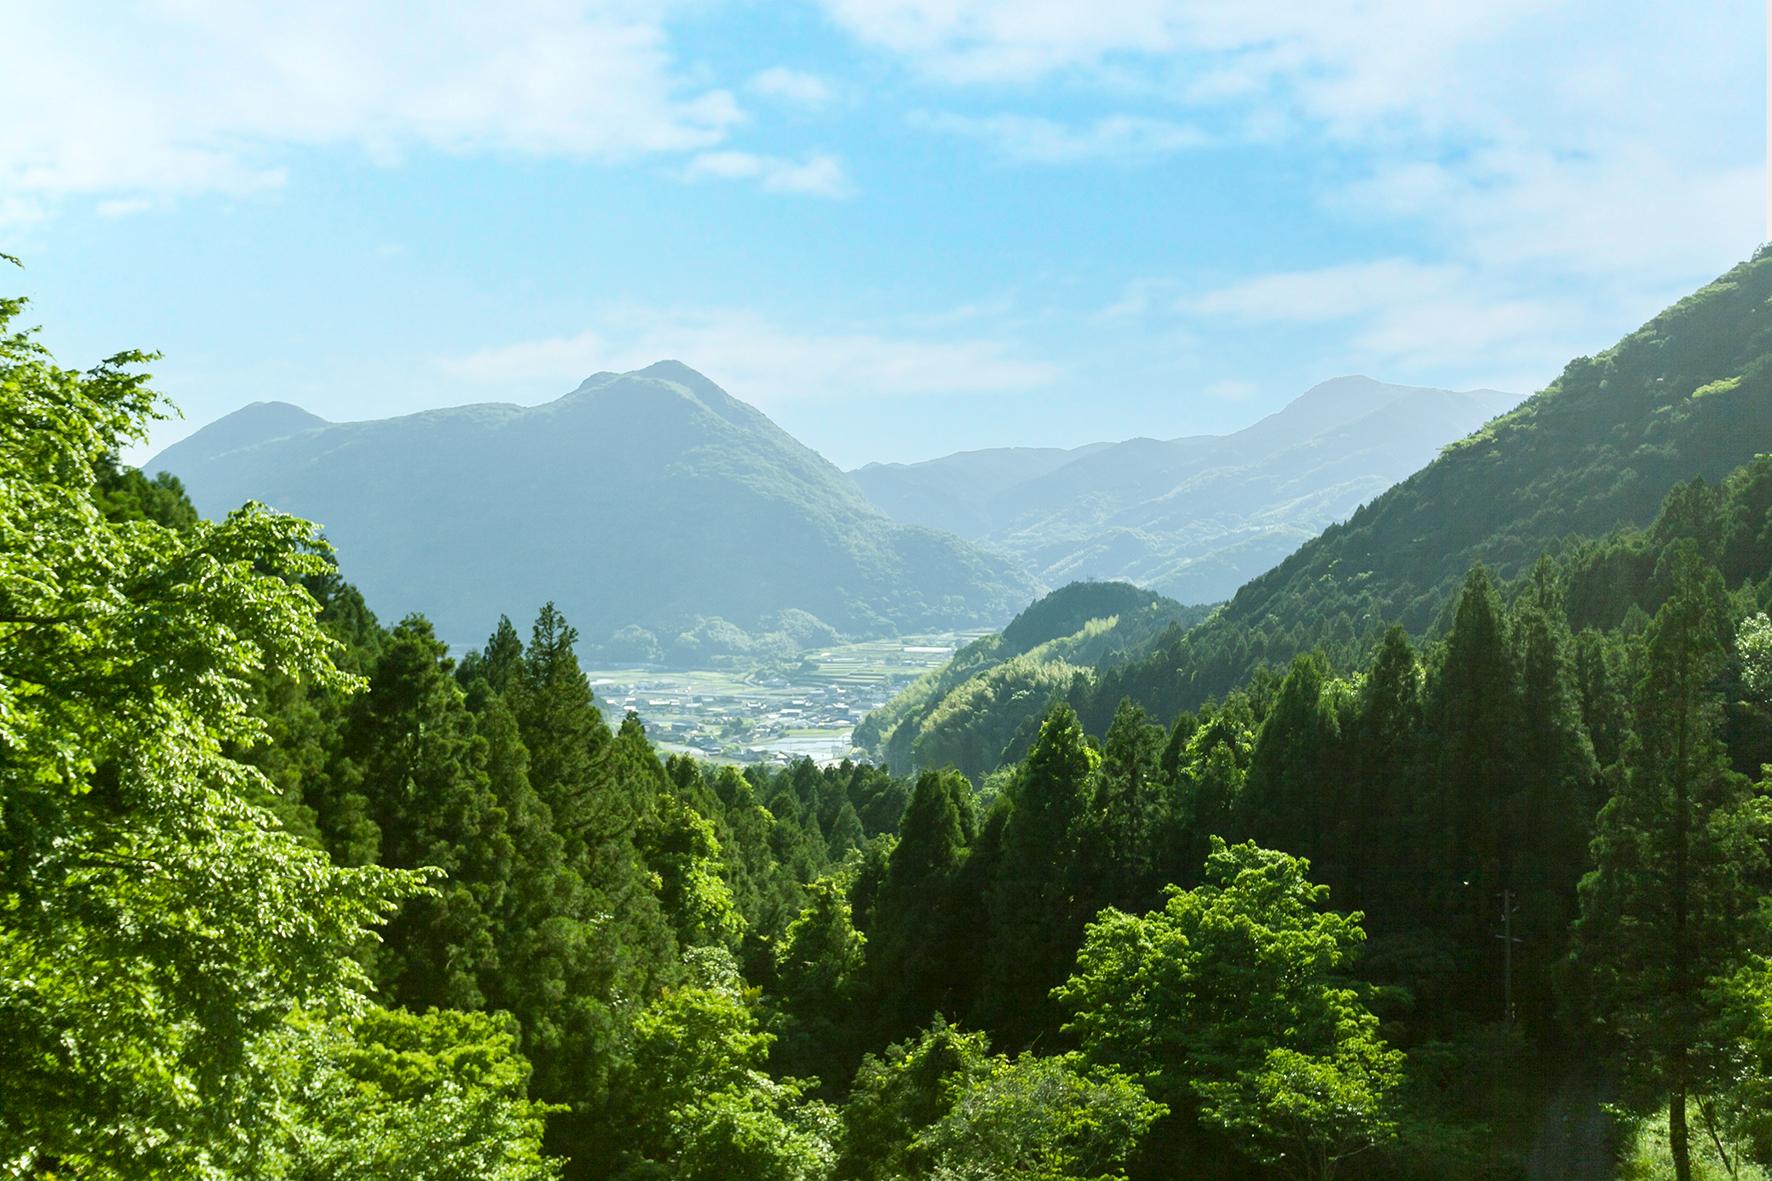 味⾒峠桜公園からの景色